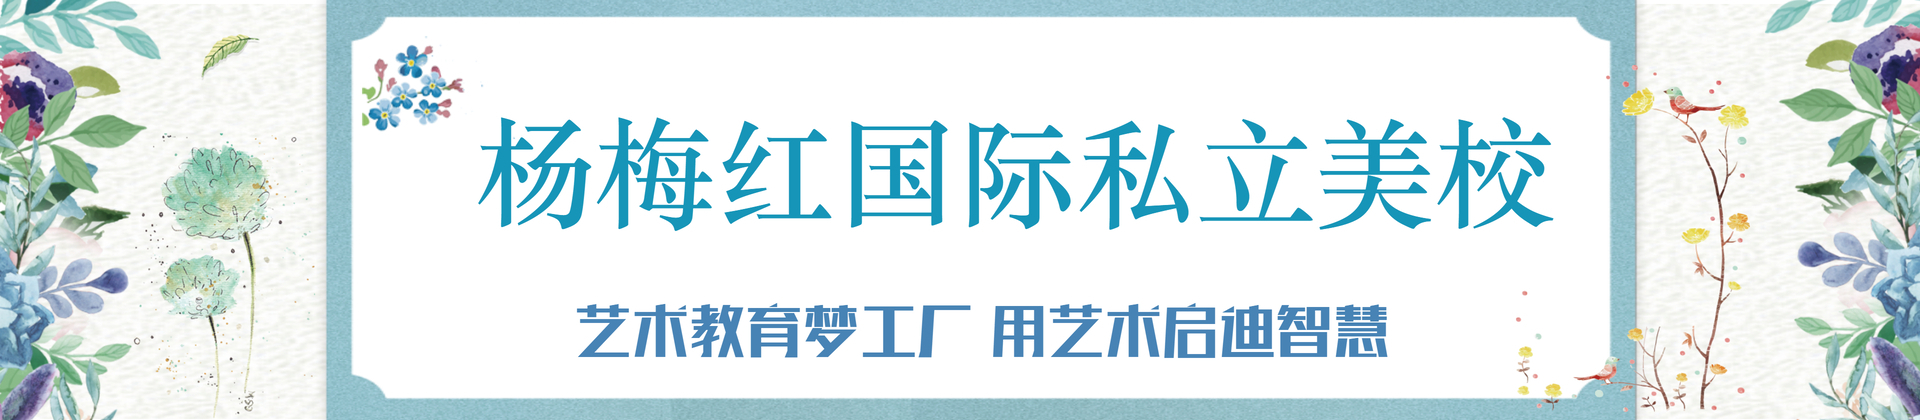 深圳梅林杨梅红国际私立美校